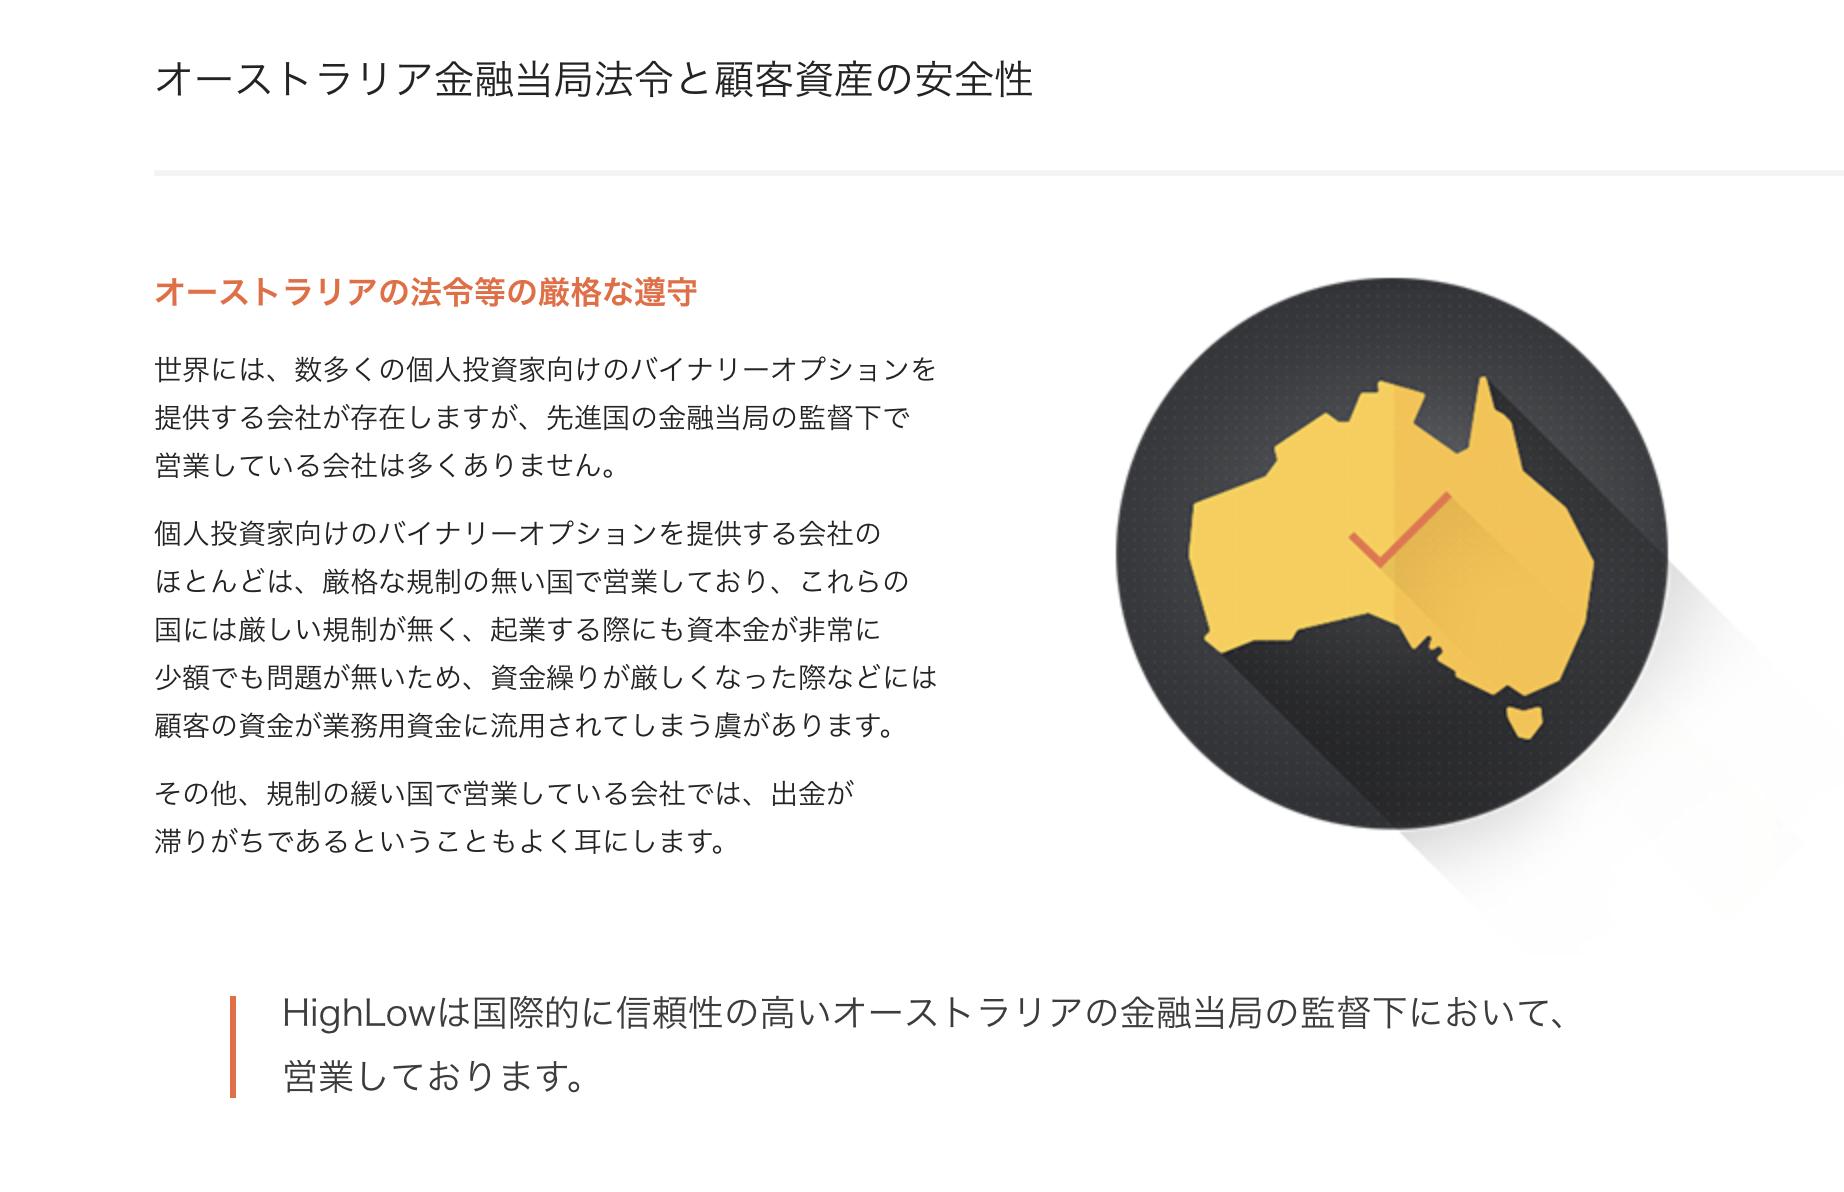 HighLowオーストラリア(ハイローオーストラリア) 信頼